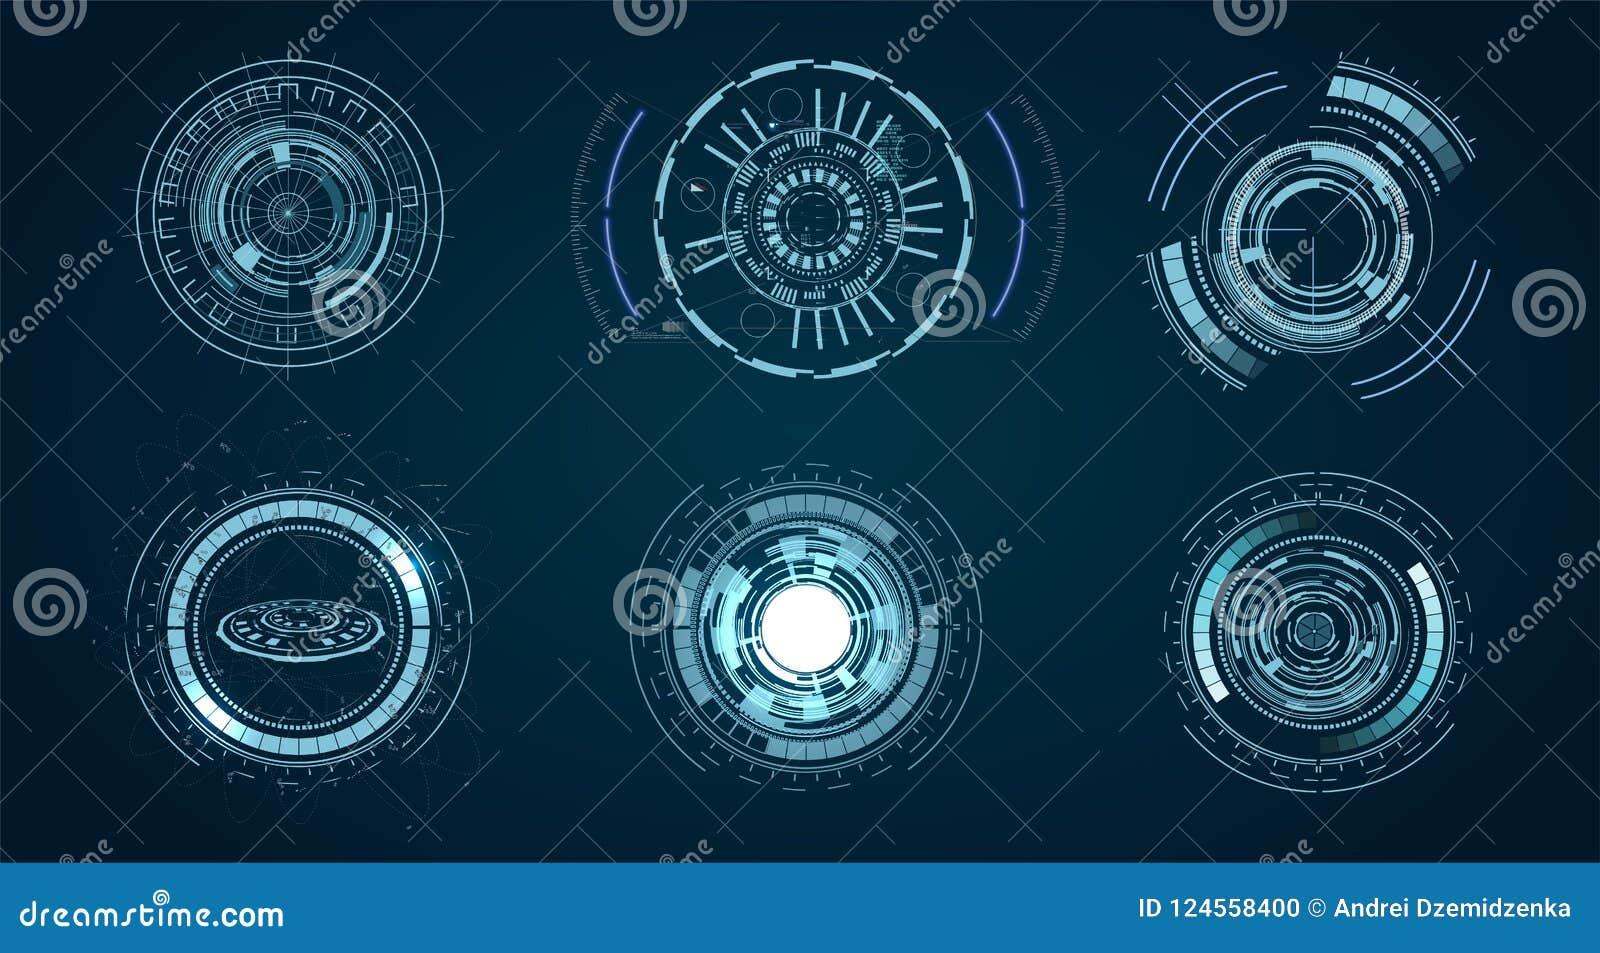 Τεχνολογικά στοιχεία HUD, φουτουριστική εικονική πραγματικότητα διεπαφών Φουτουριστικό πρότυπο Hud κύκλος ψηφιακός του σχεδίου τε